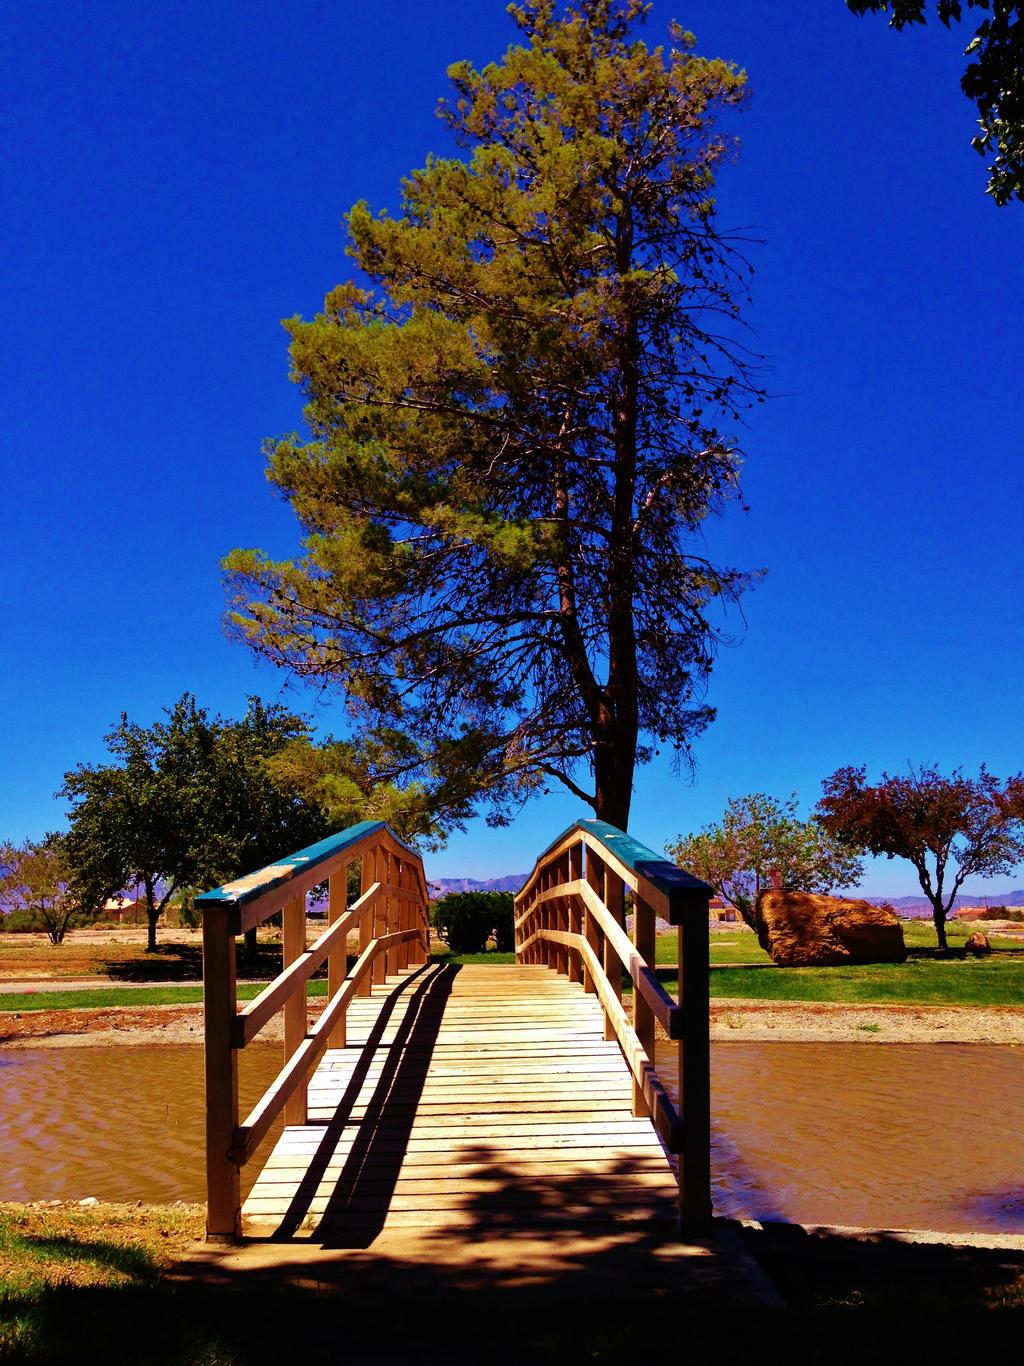 Bridge to Paradise by AthenaIce